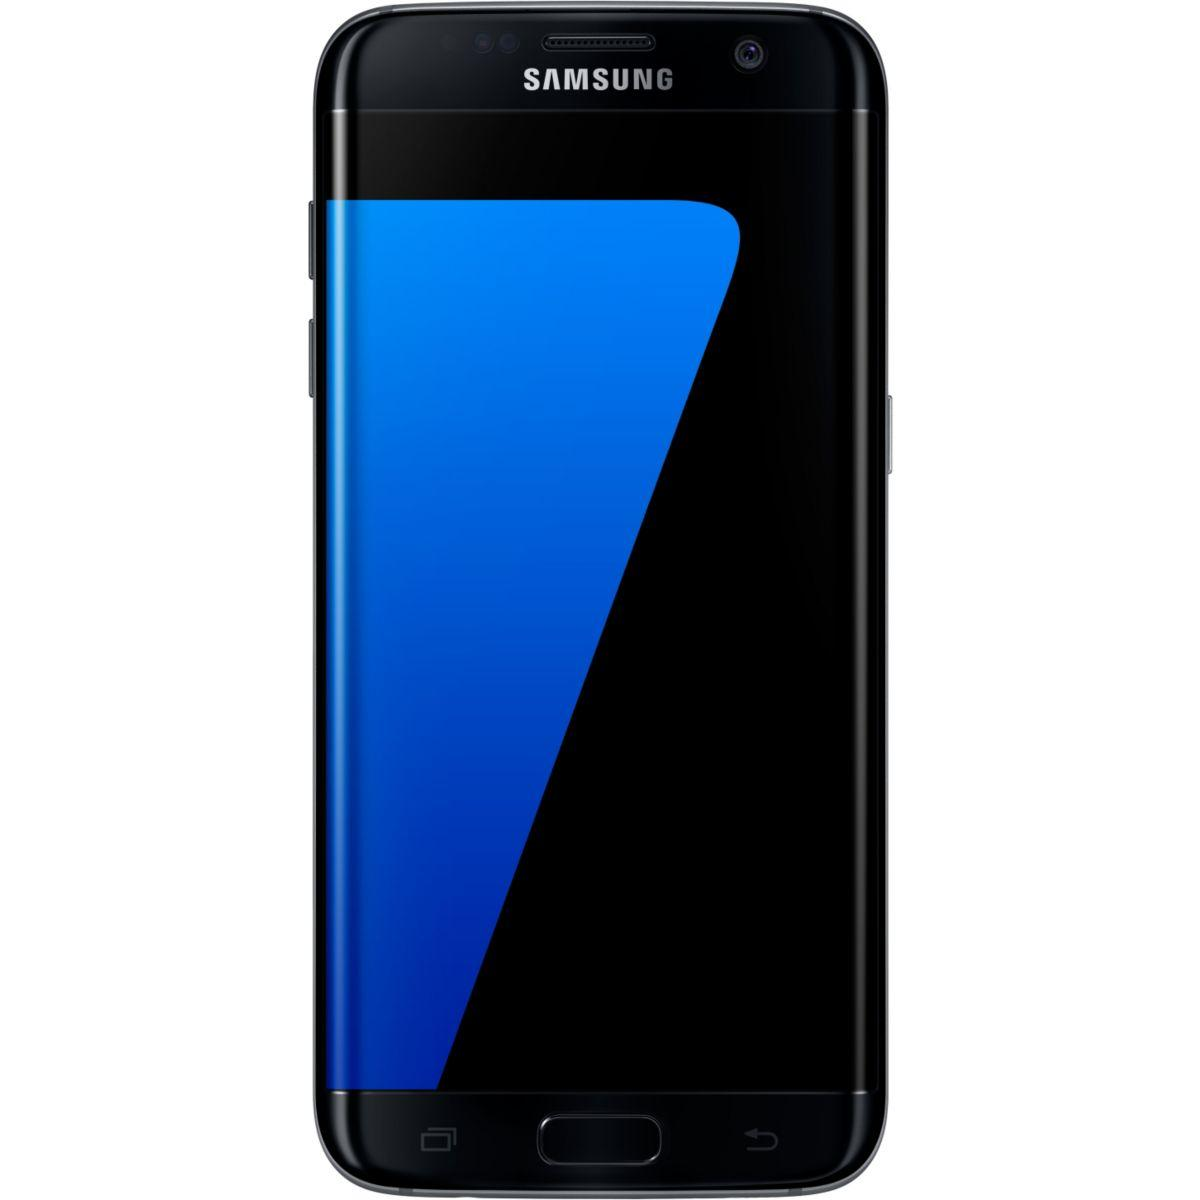 Pack promo smartphone samsung galaxy s7 edge noir 32 go + etui samsung clear view cover galaxy s7 edge noir - soldes et bonnes affaires à prix imbatta